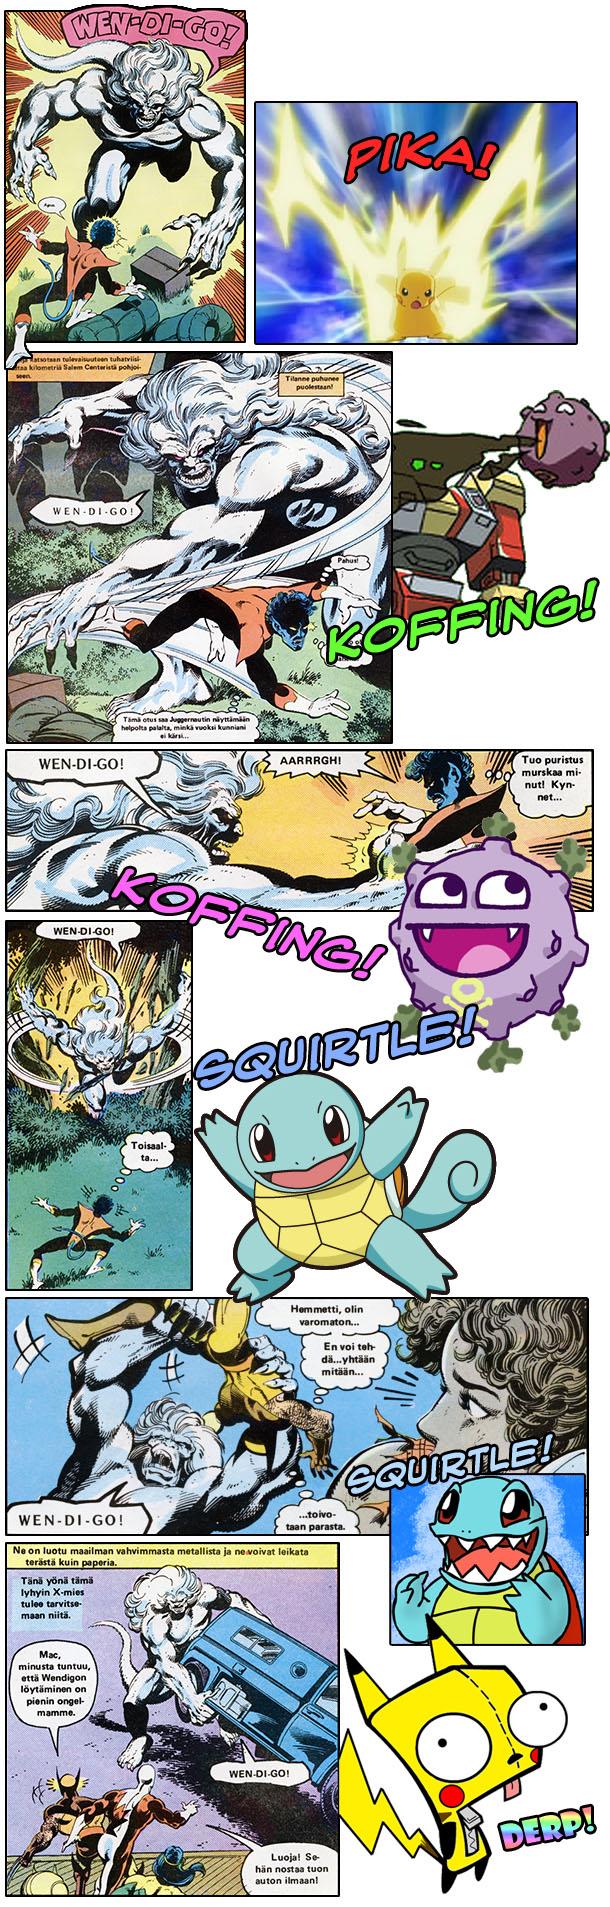 Wendigo is a Pokemon